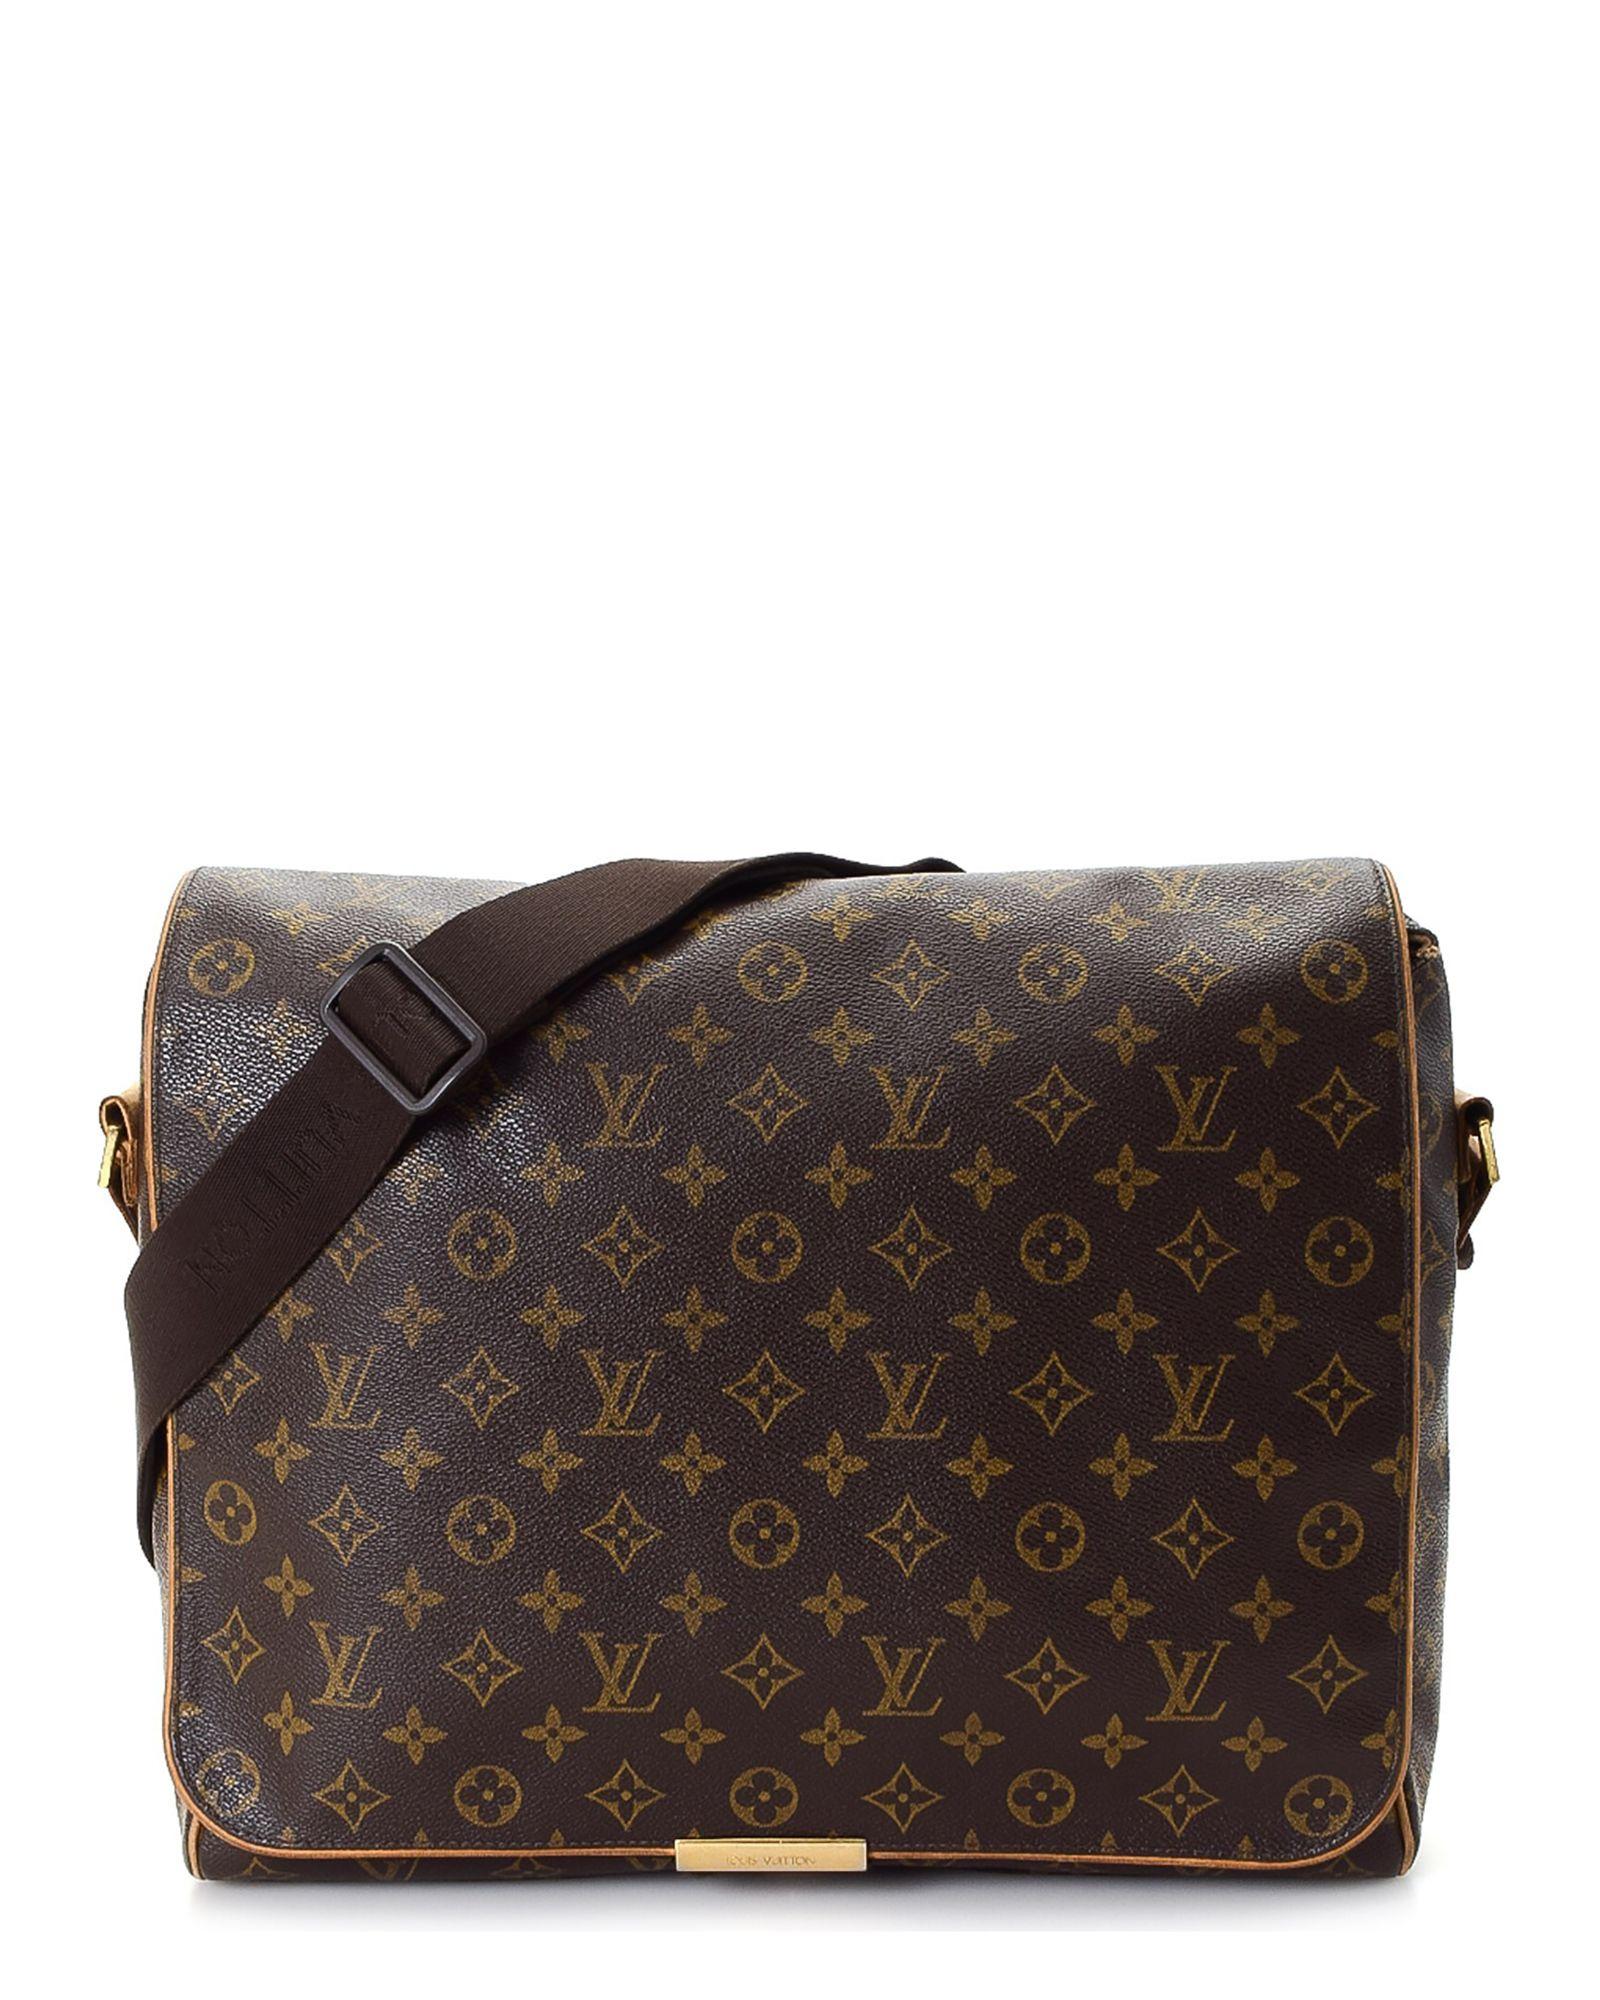 Louis Vuitton Monogram Abbesses Messanger Bag - Vintage  f21a427c508d3